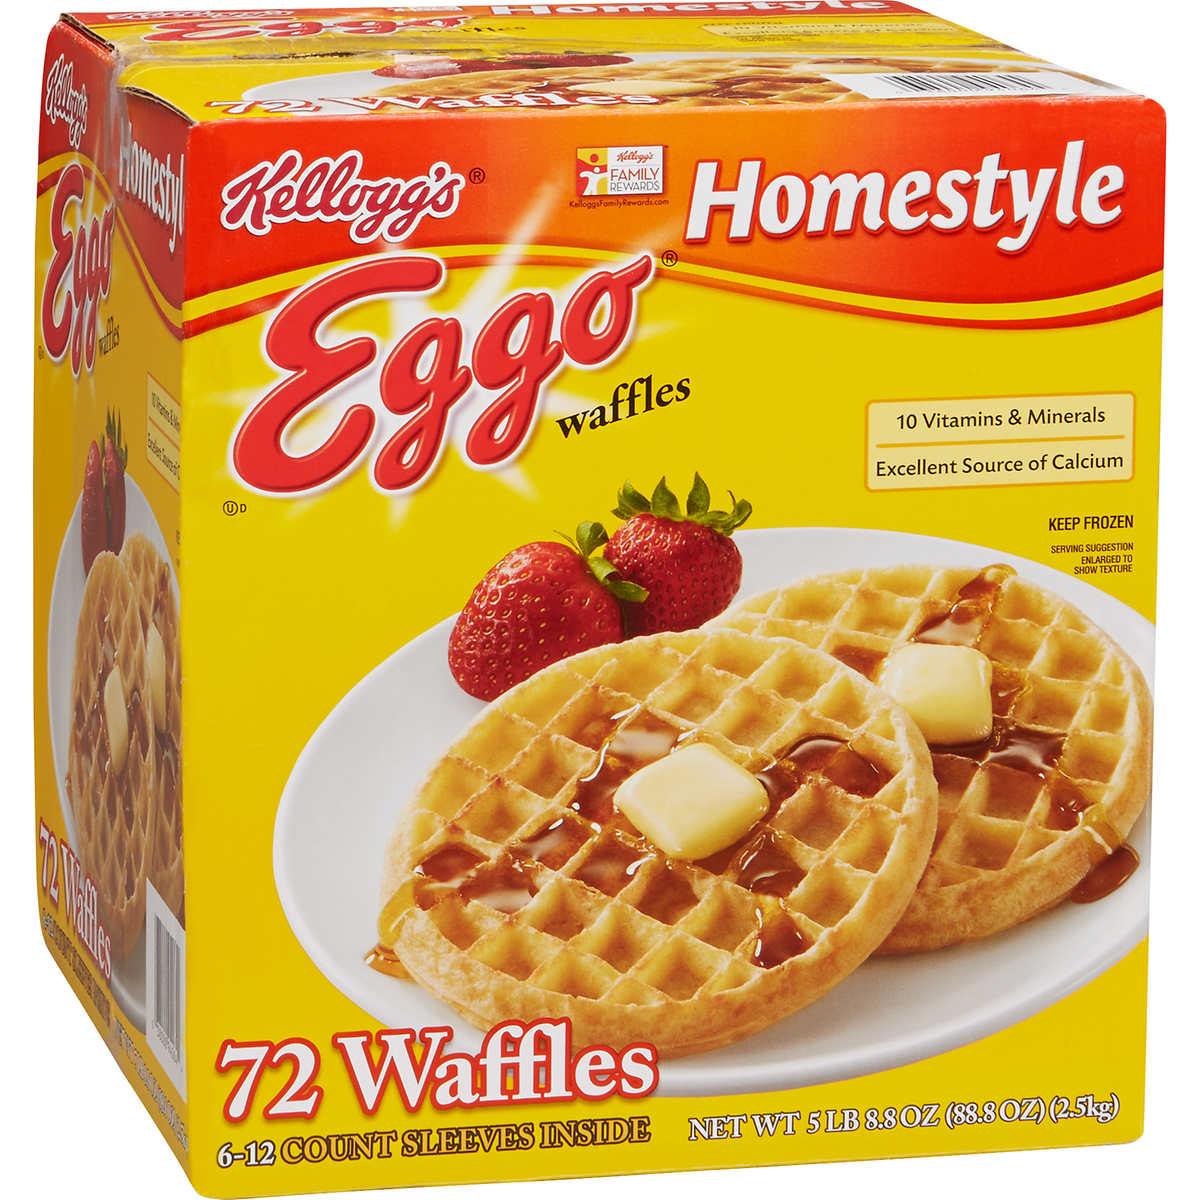 Stranger Things Eggos 1980s Label